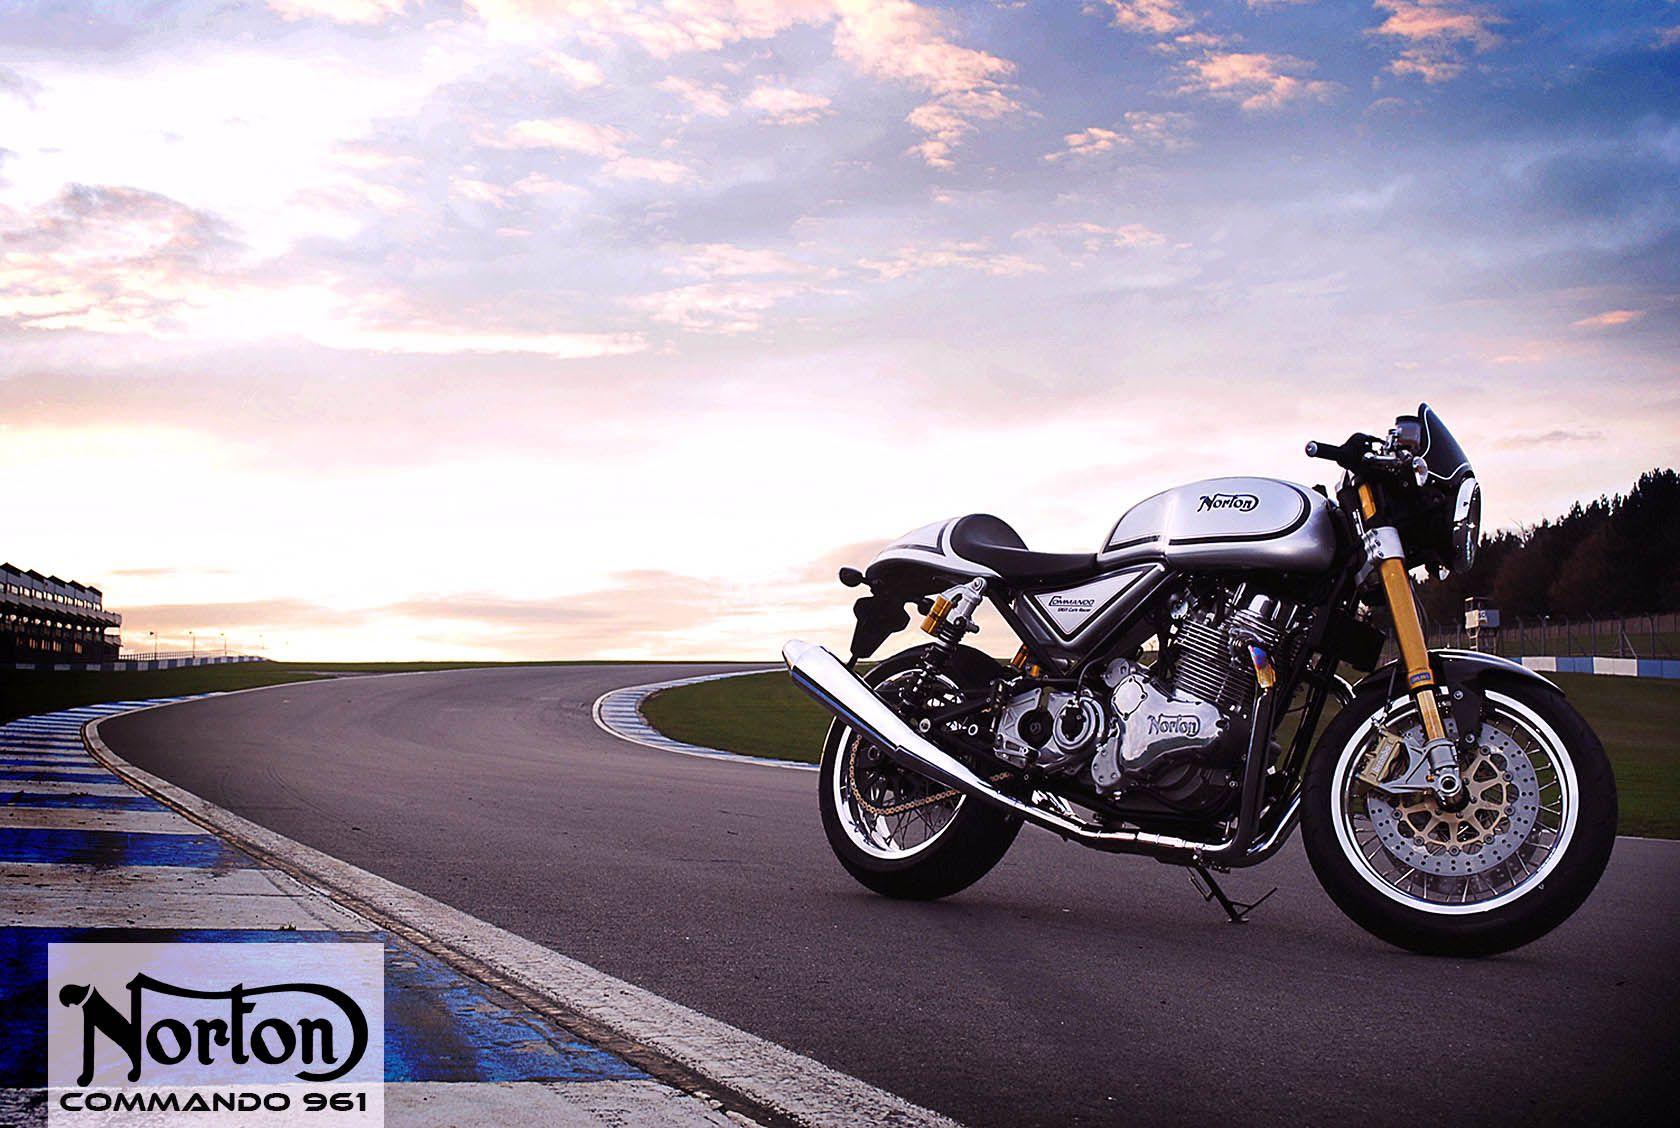 Norton Commando 961 Cafe Racer HD Wallpaper